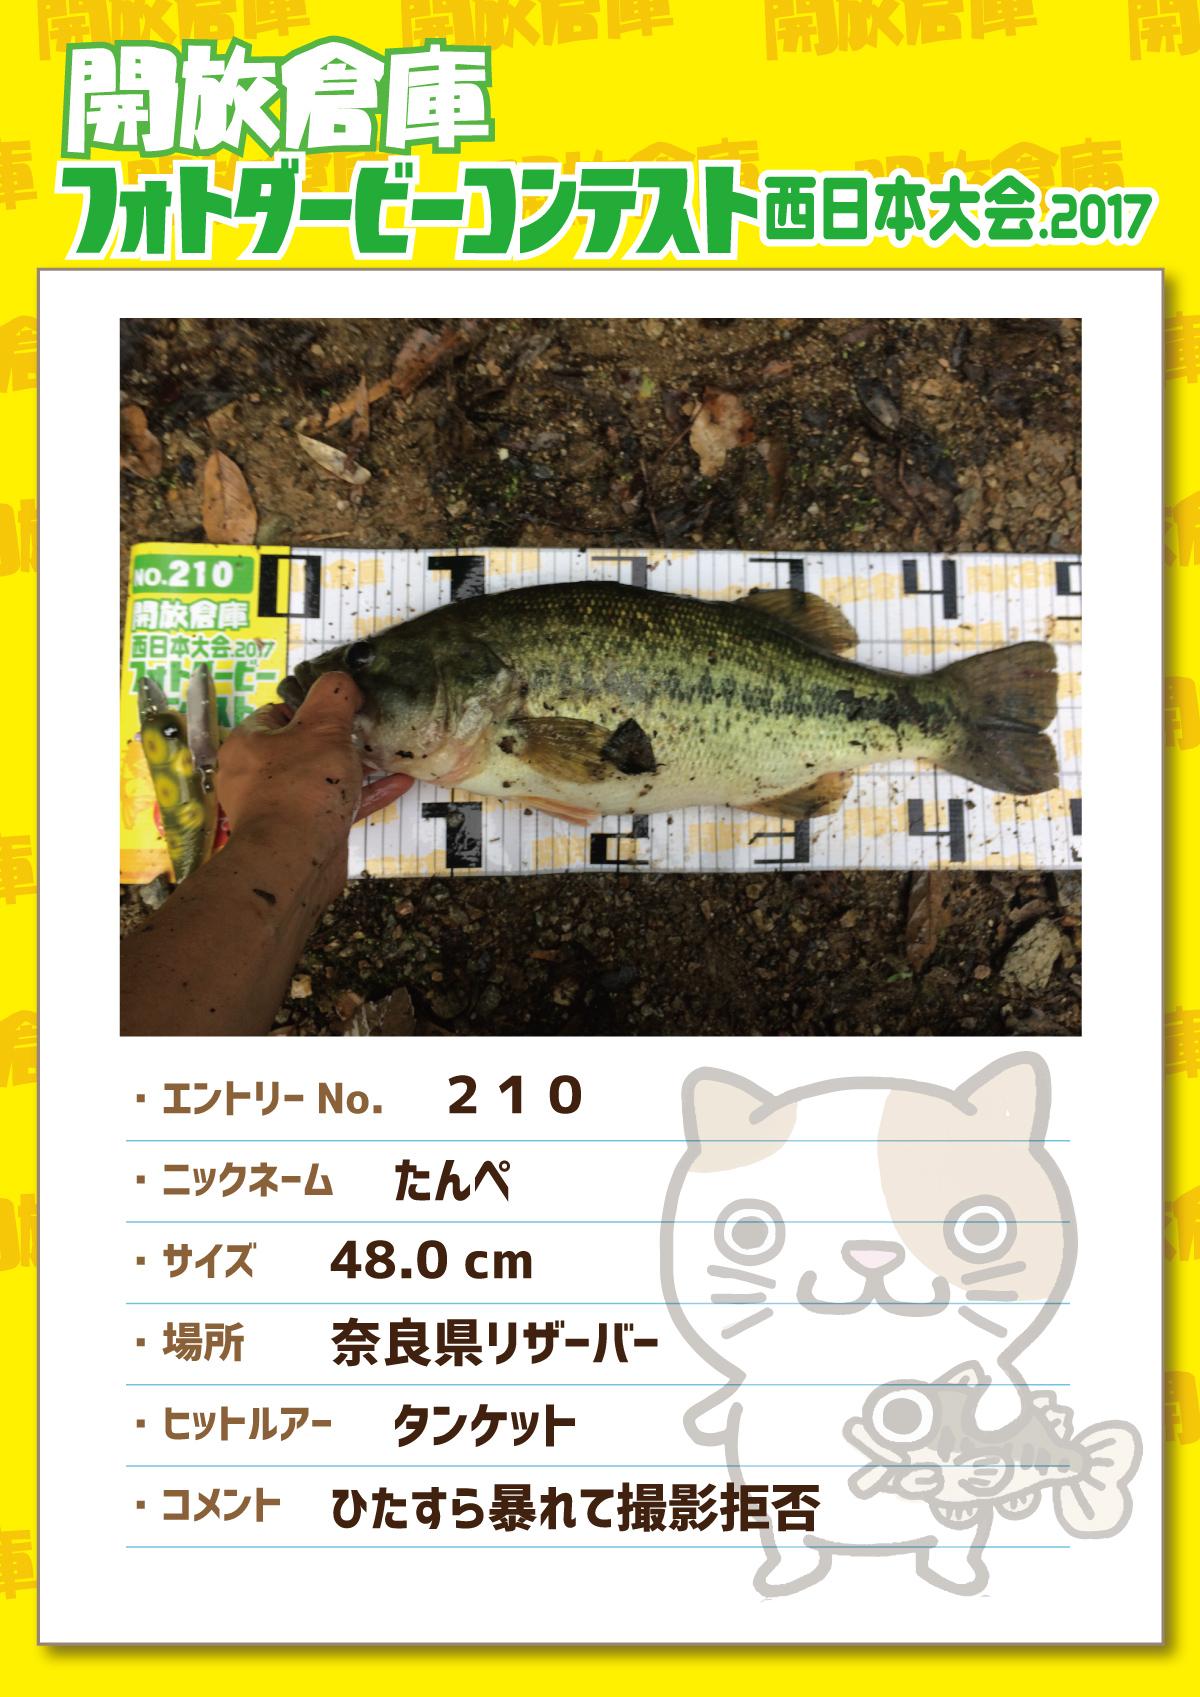 No.210 たんぺ 48.0cm 奈良県リザーバー タンケット ひたすら暴れて撮影拒否